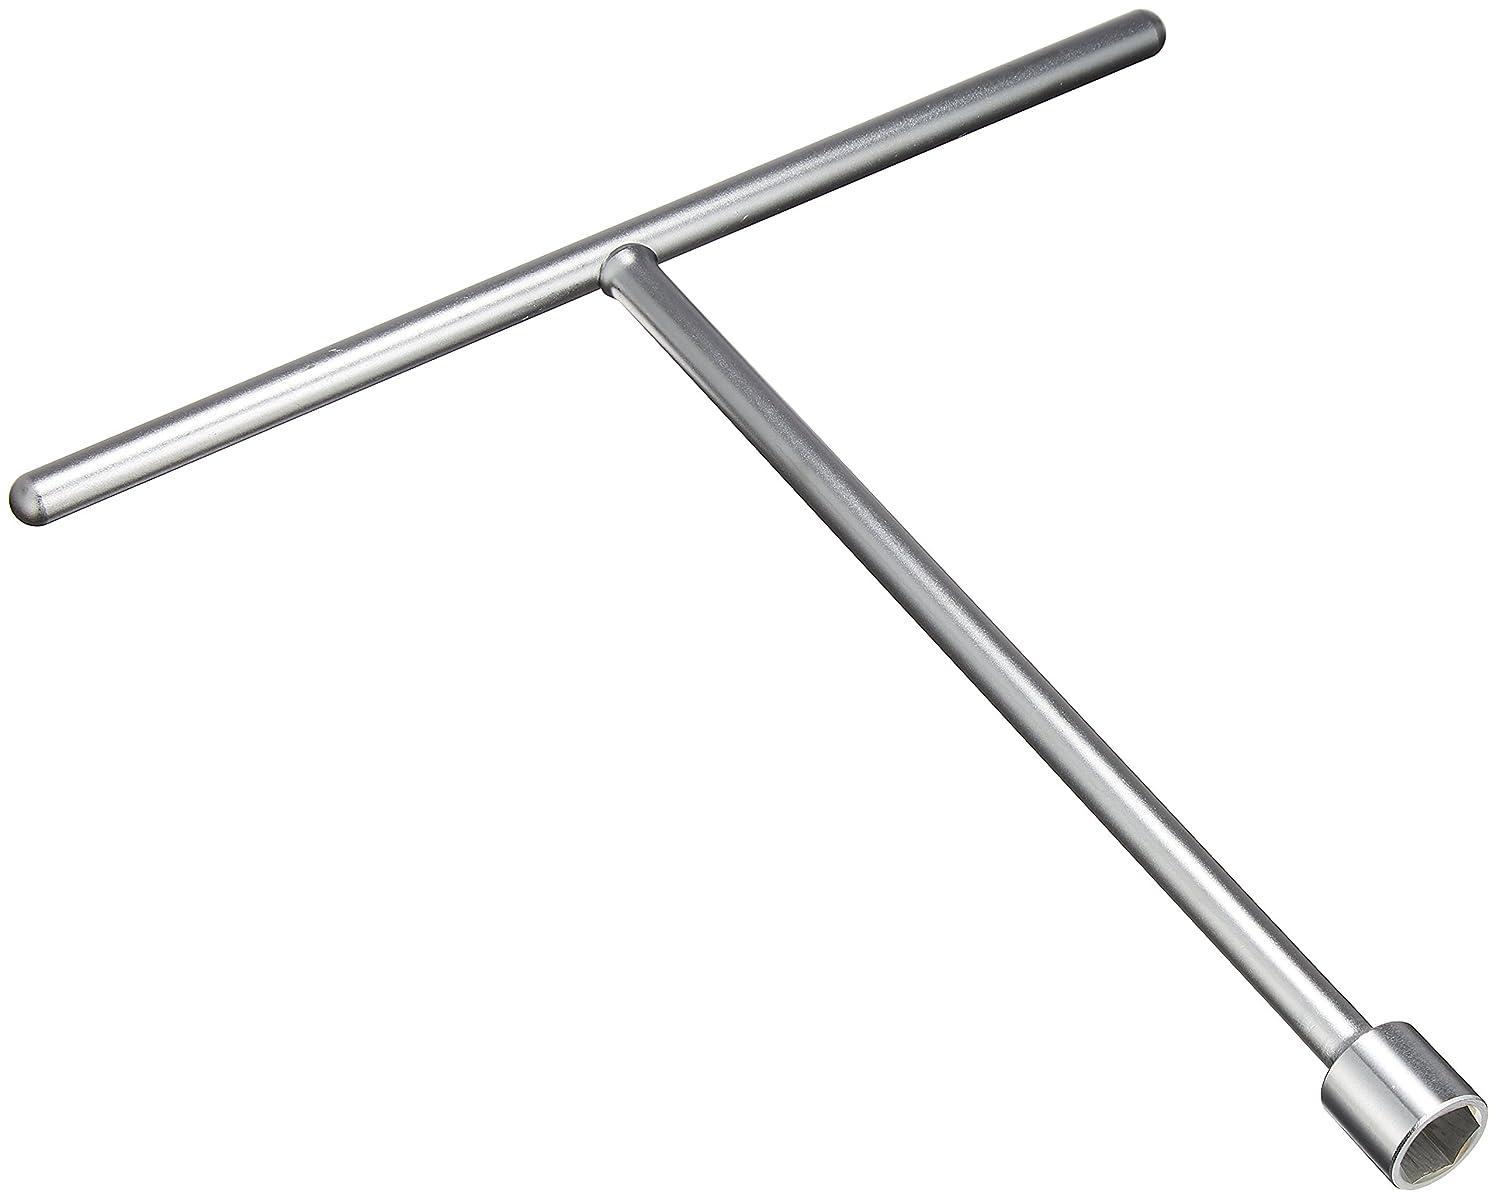 バースト光電拮抗する京都機械工具(KTC) T形レンチ TH17 全長:306.0×全幅:300×対辺寸法:17mm